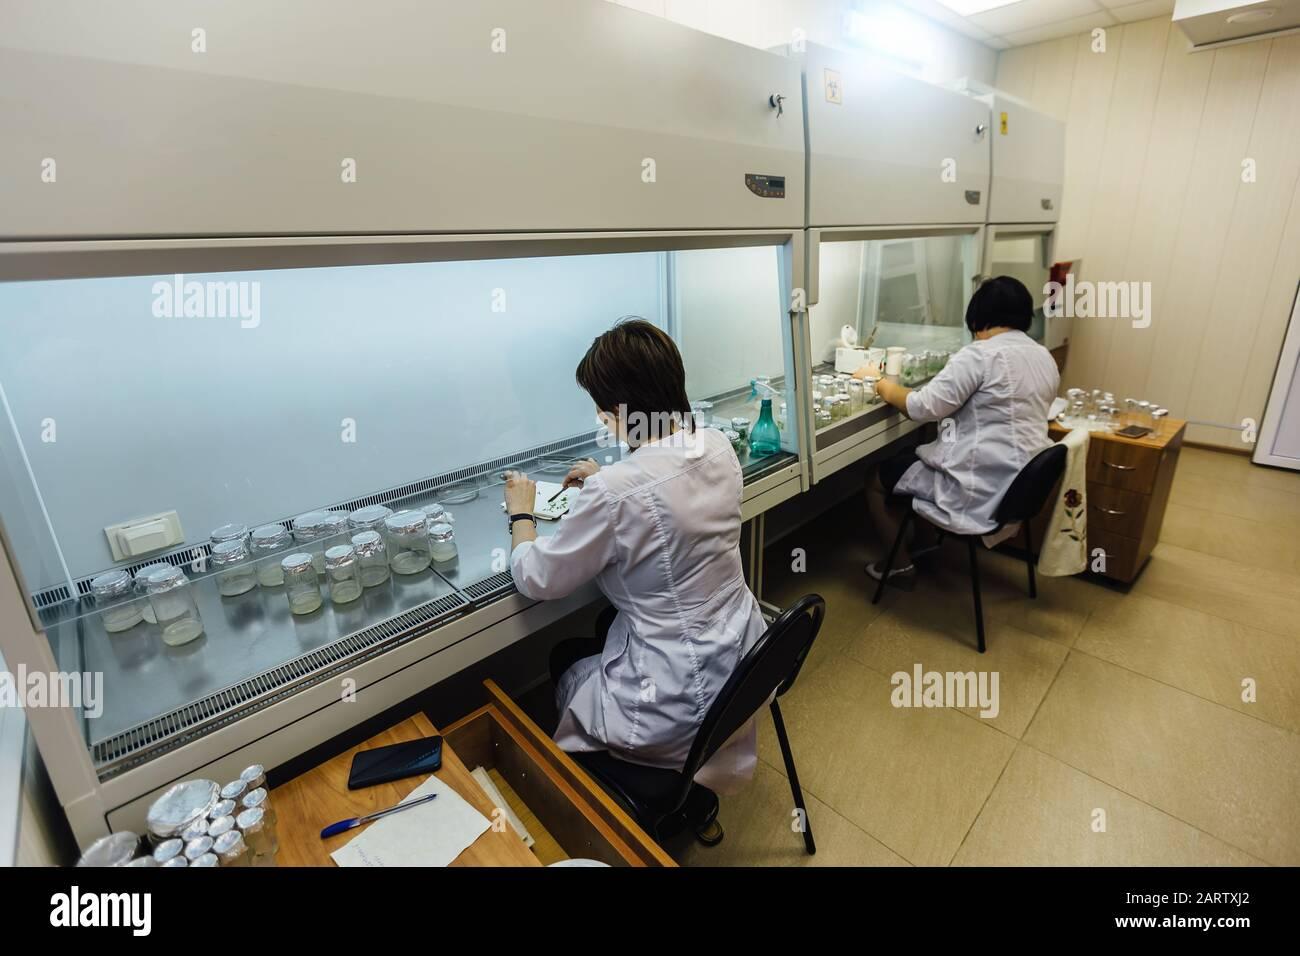 Los científicos trabajan en una caja laminar. Preparación de microplantas para la clonación in vitro Foto de stock